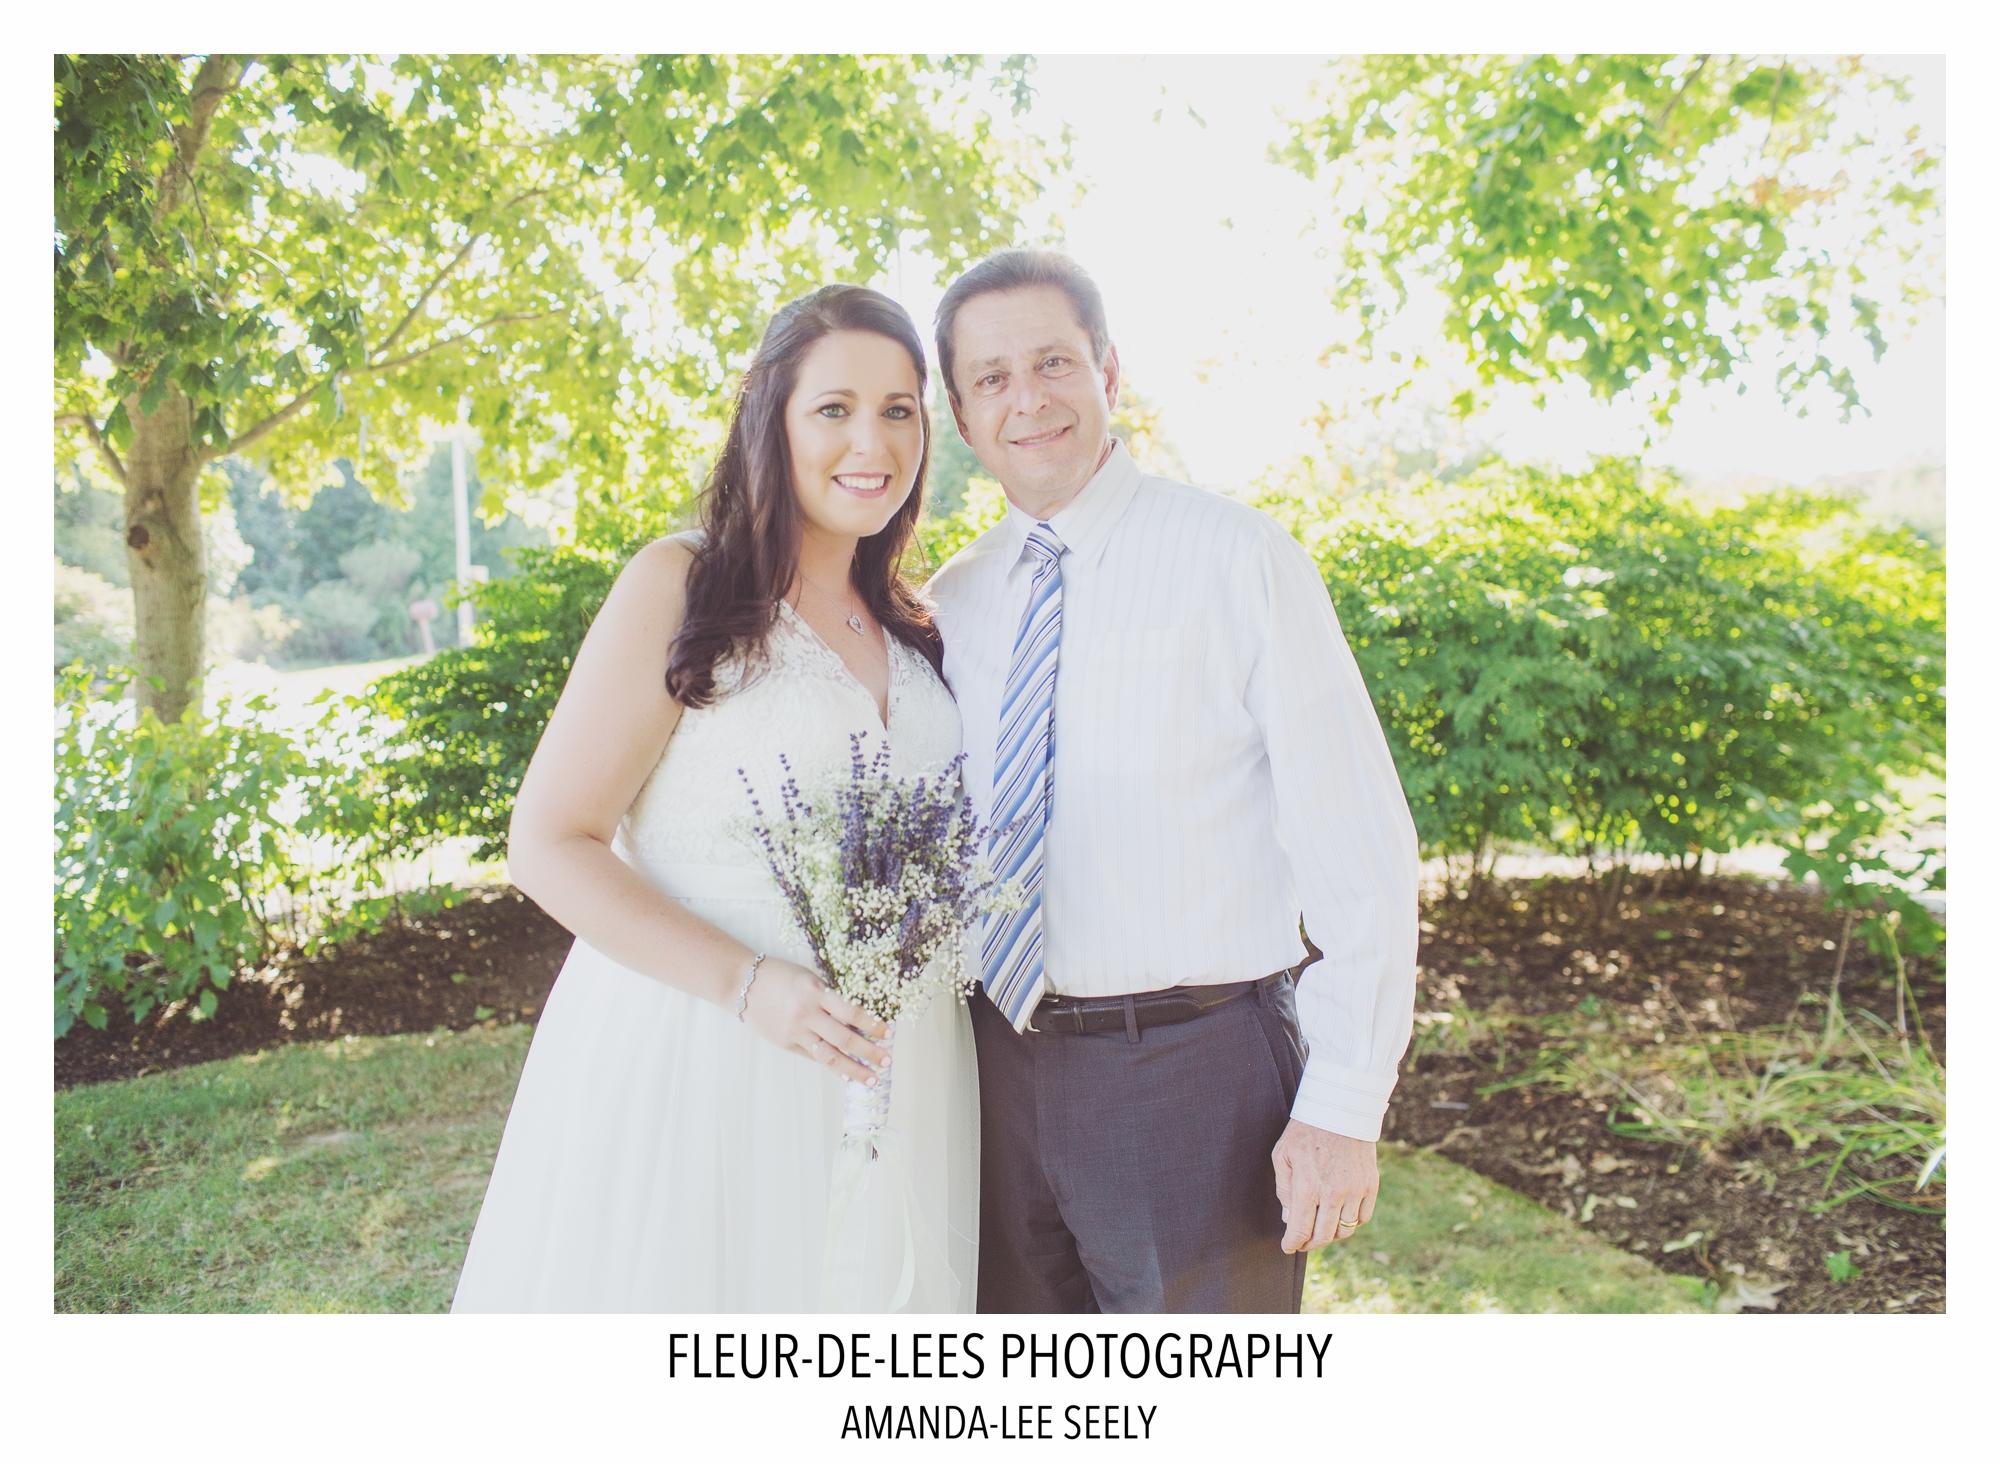 BLOG RACHEL AND AMANDA WEDDING 28